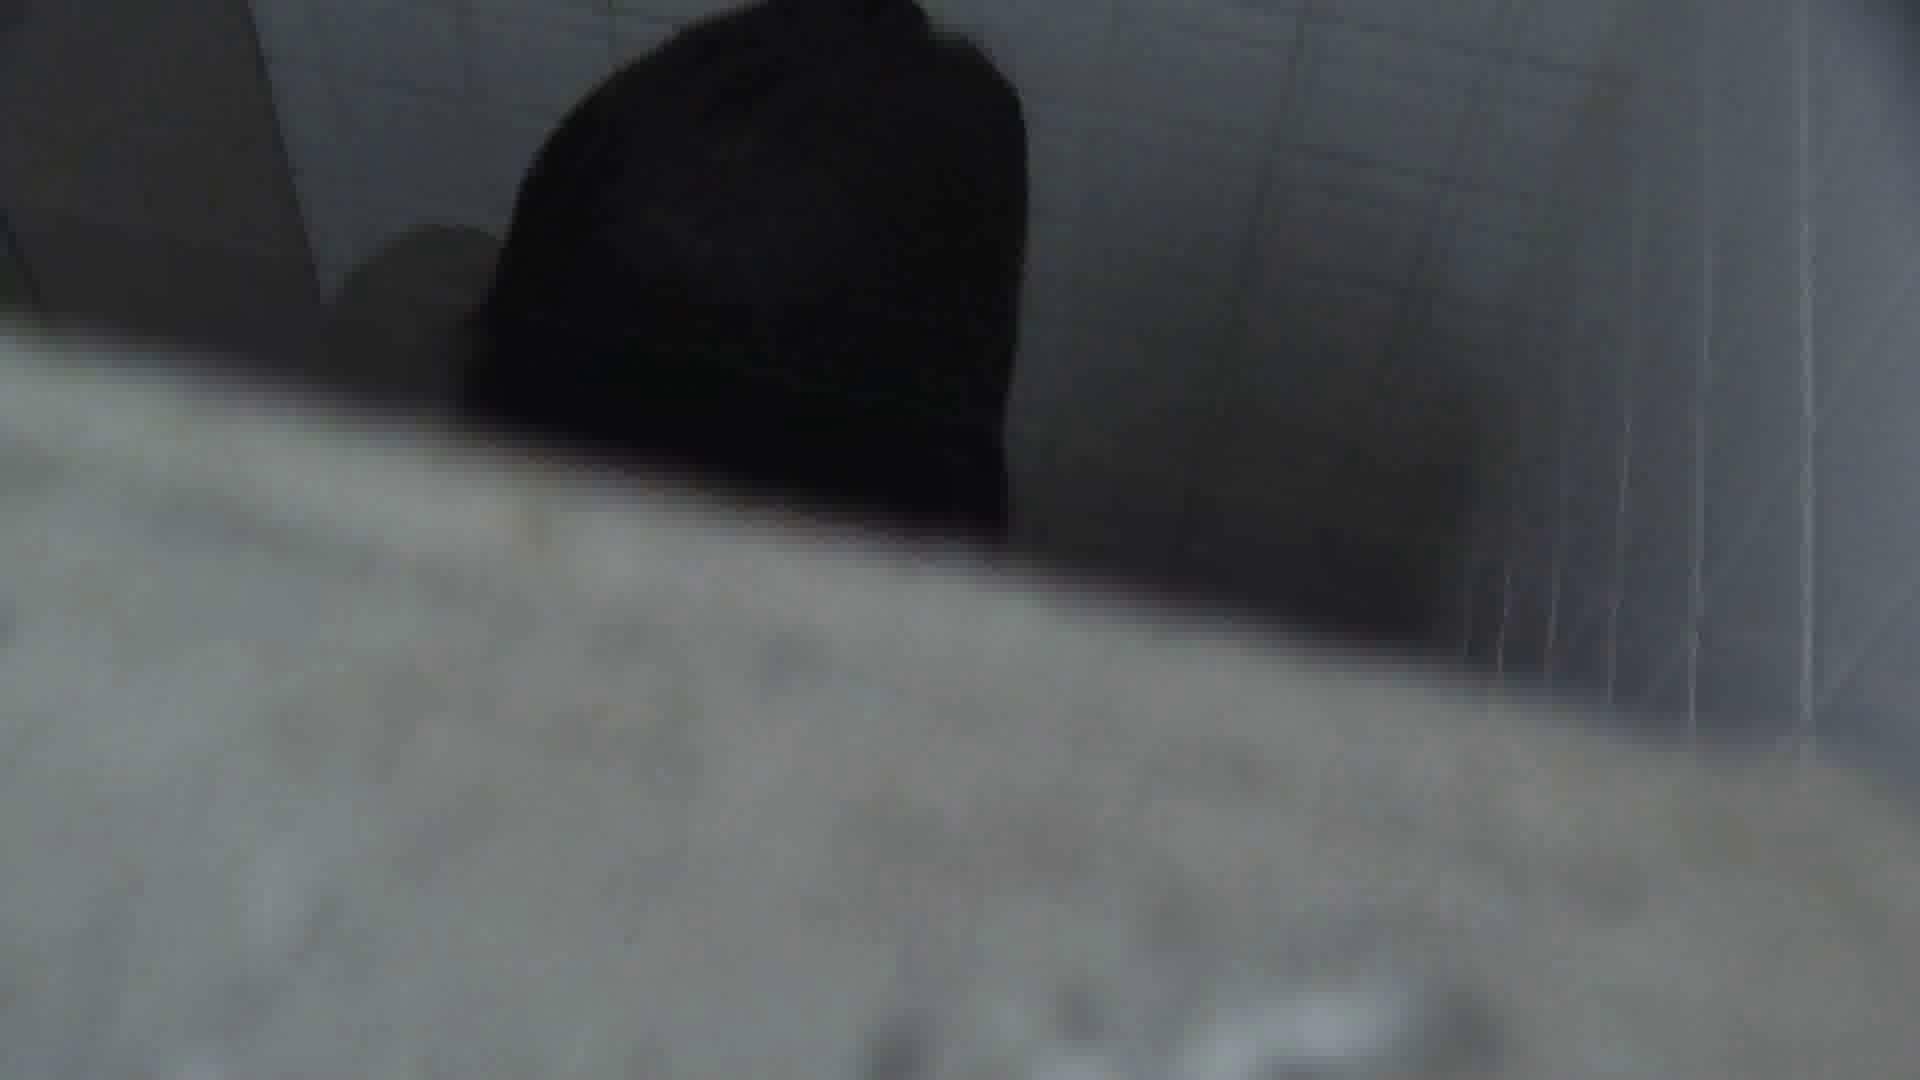 洗面所特攻隊 vol.026 お嬢さんかゆいの? OLハメ撮り  38Pix 33